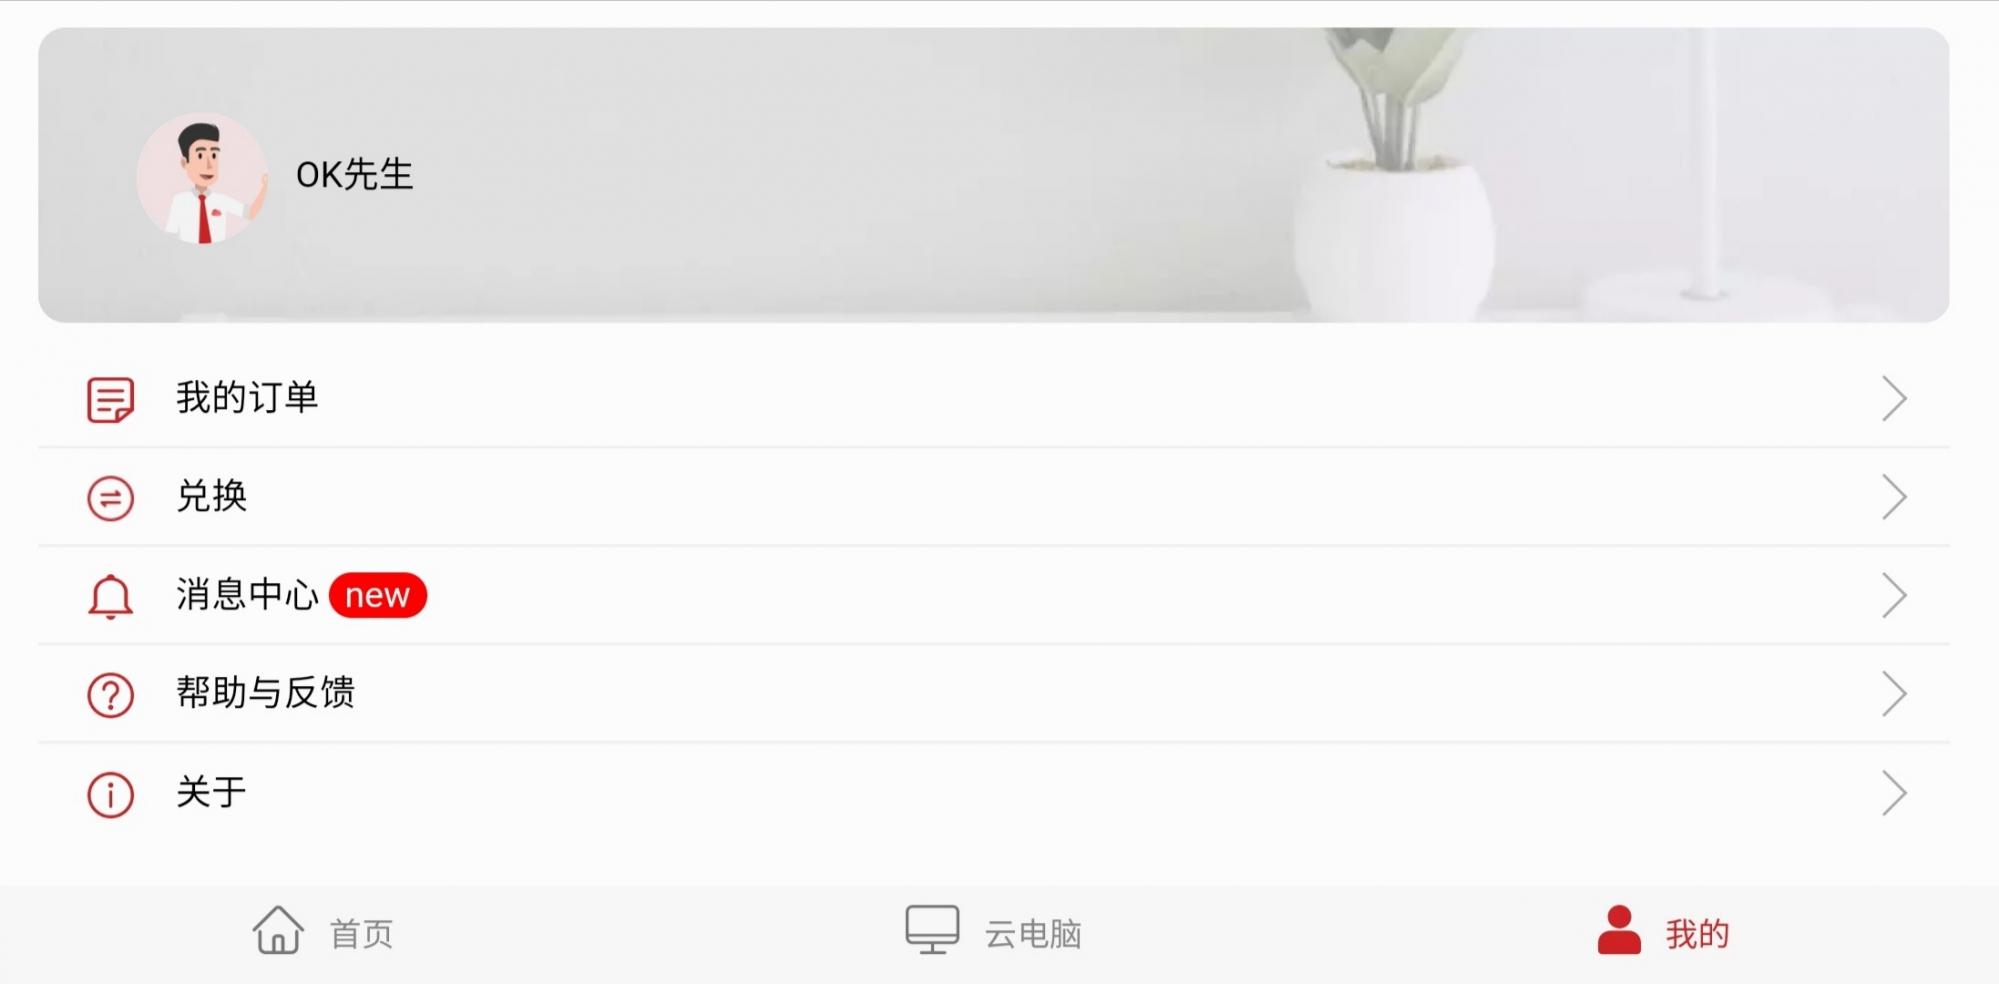 新版UI-我的.jpg